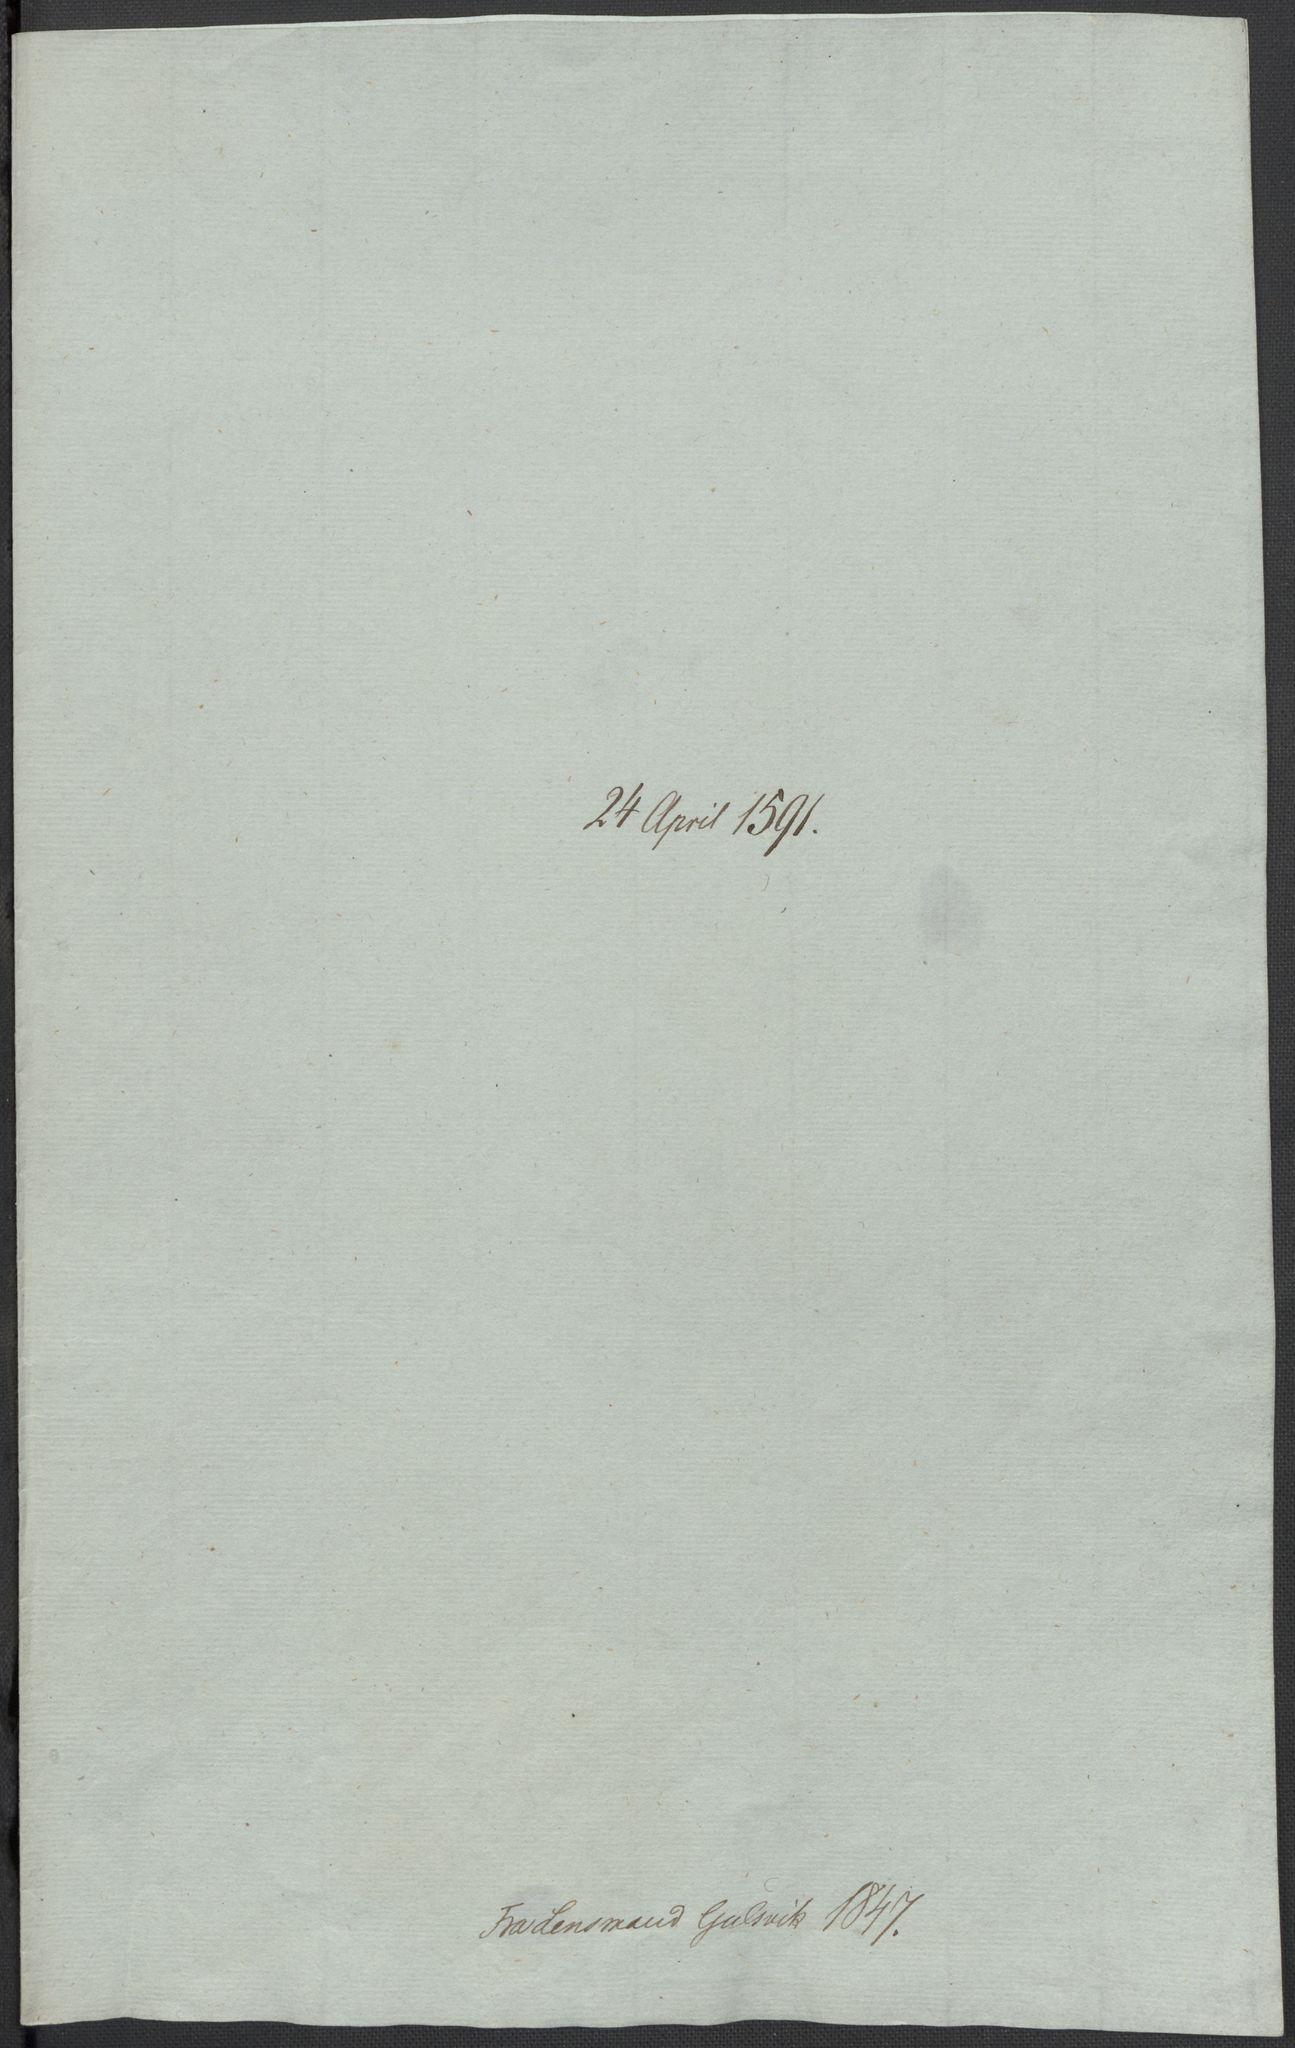 RA, Riksarkivets diplomsamling, F02/L0093: Dokumenter, 1591, s. 68